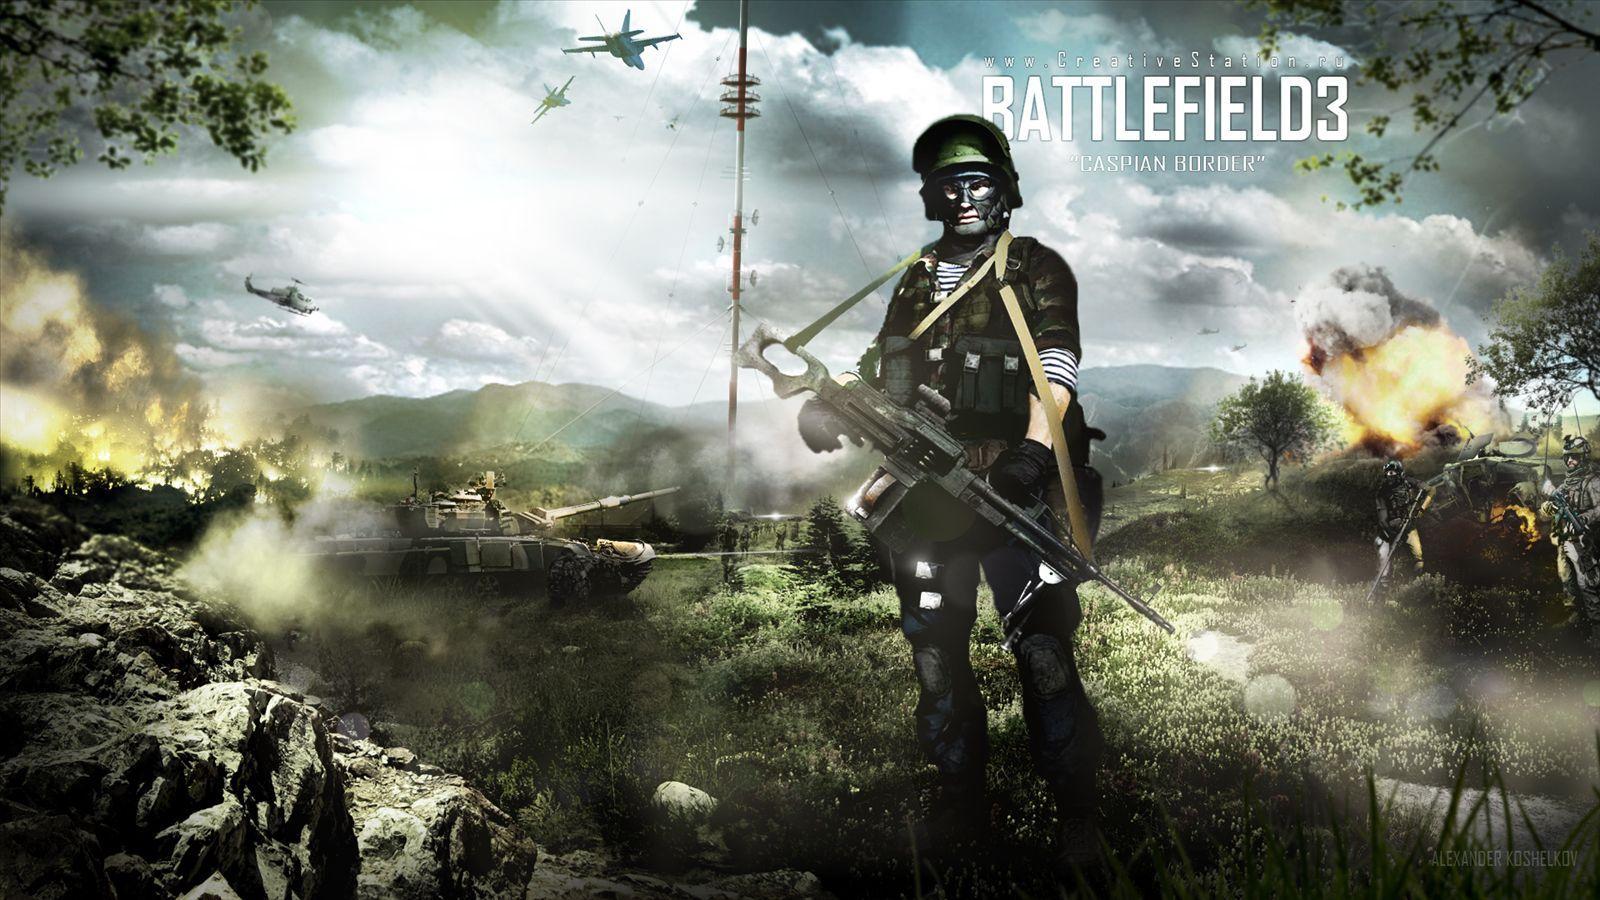 18206 Hintergrundbild herunterladen Spiele, Schlachtfeld - Bildschirmschoner und Bilder kostenlos